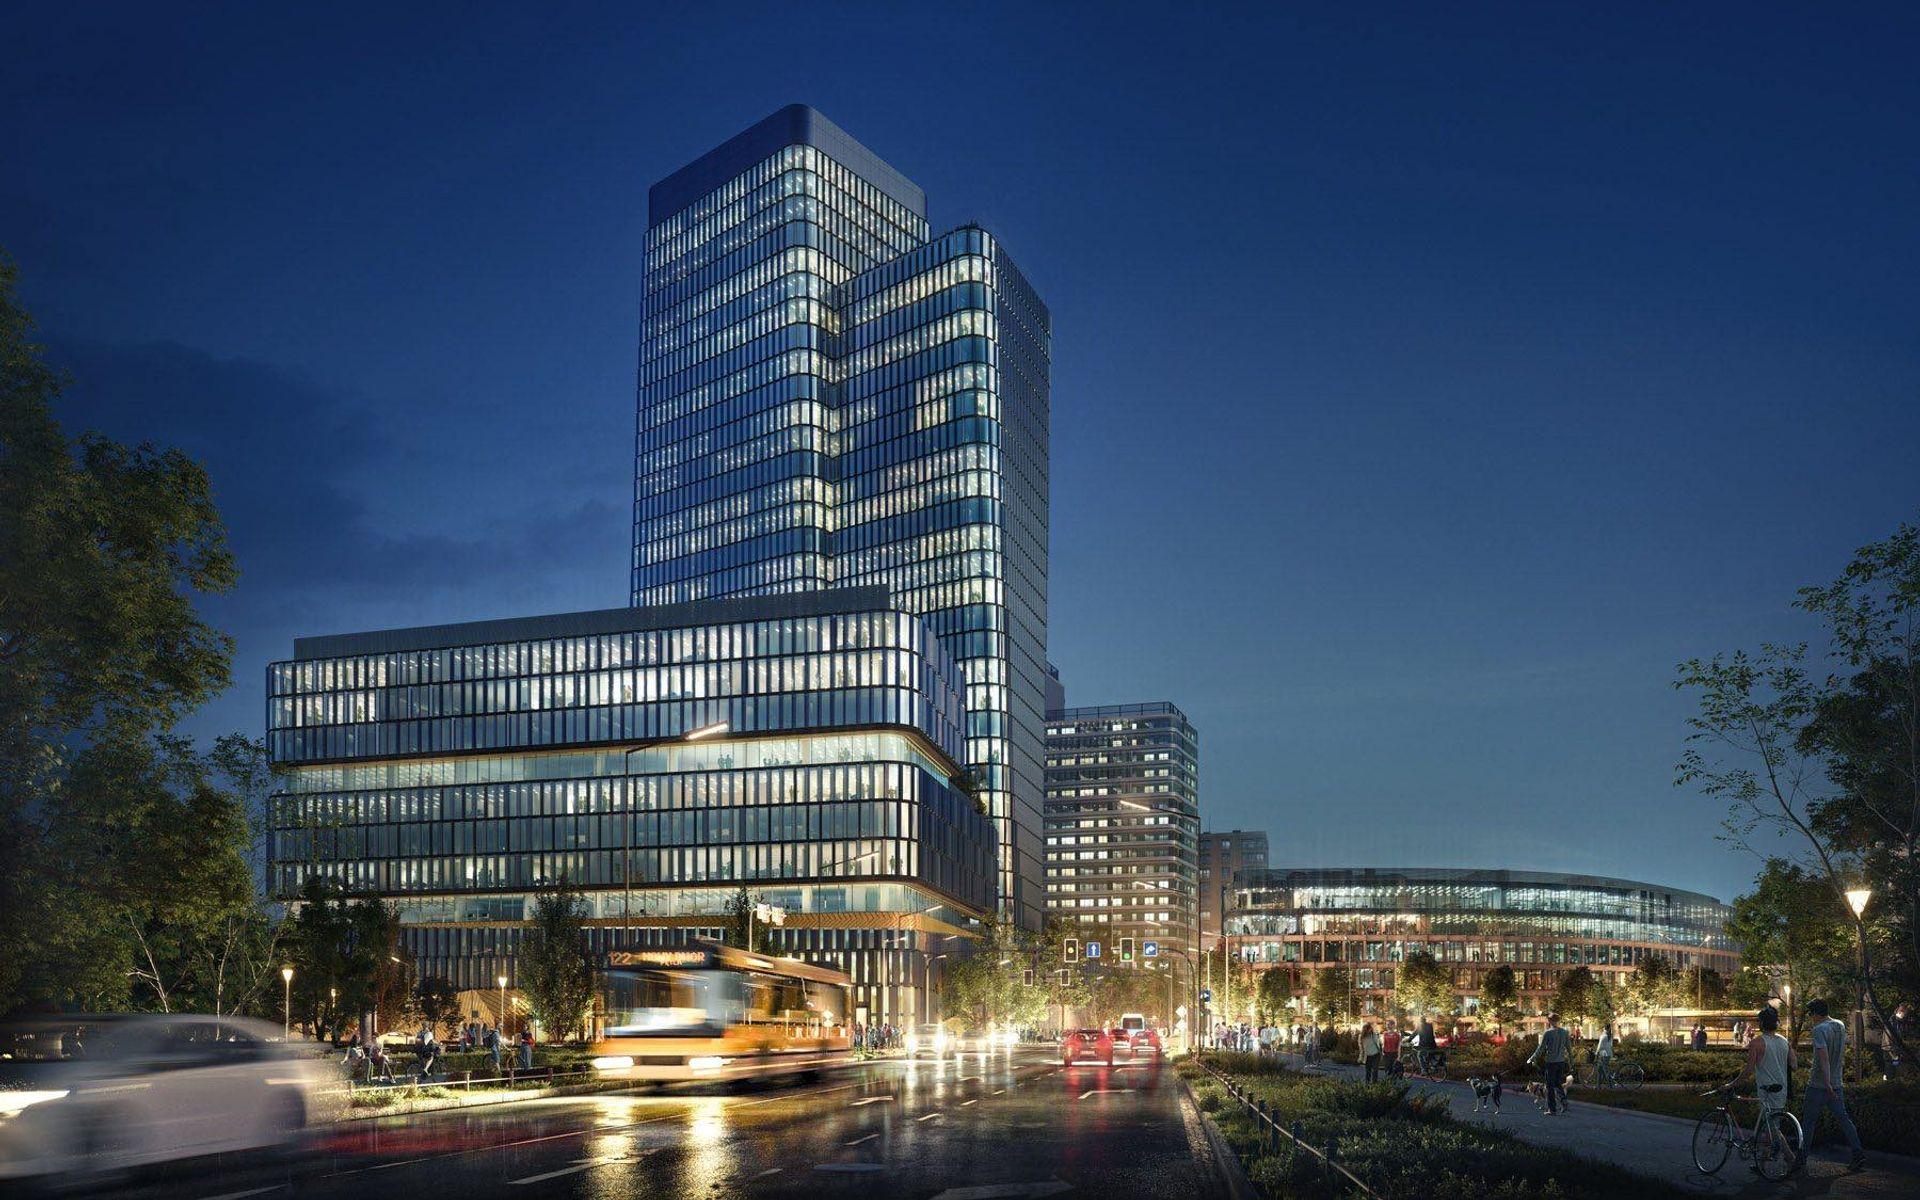 Cavatina zakupiła kolejne działki pod budowę kompleksu Quorum we Wrocławiu